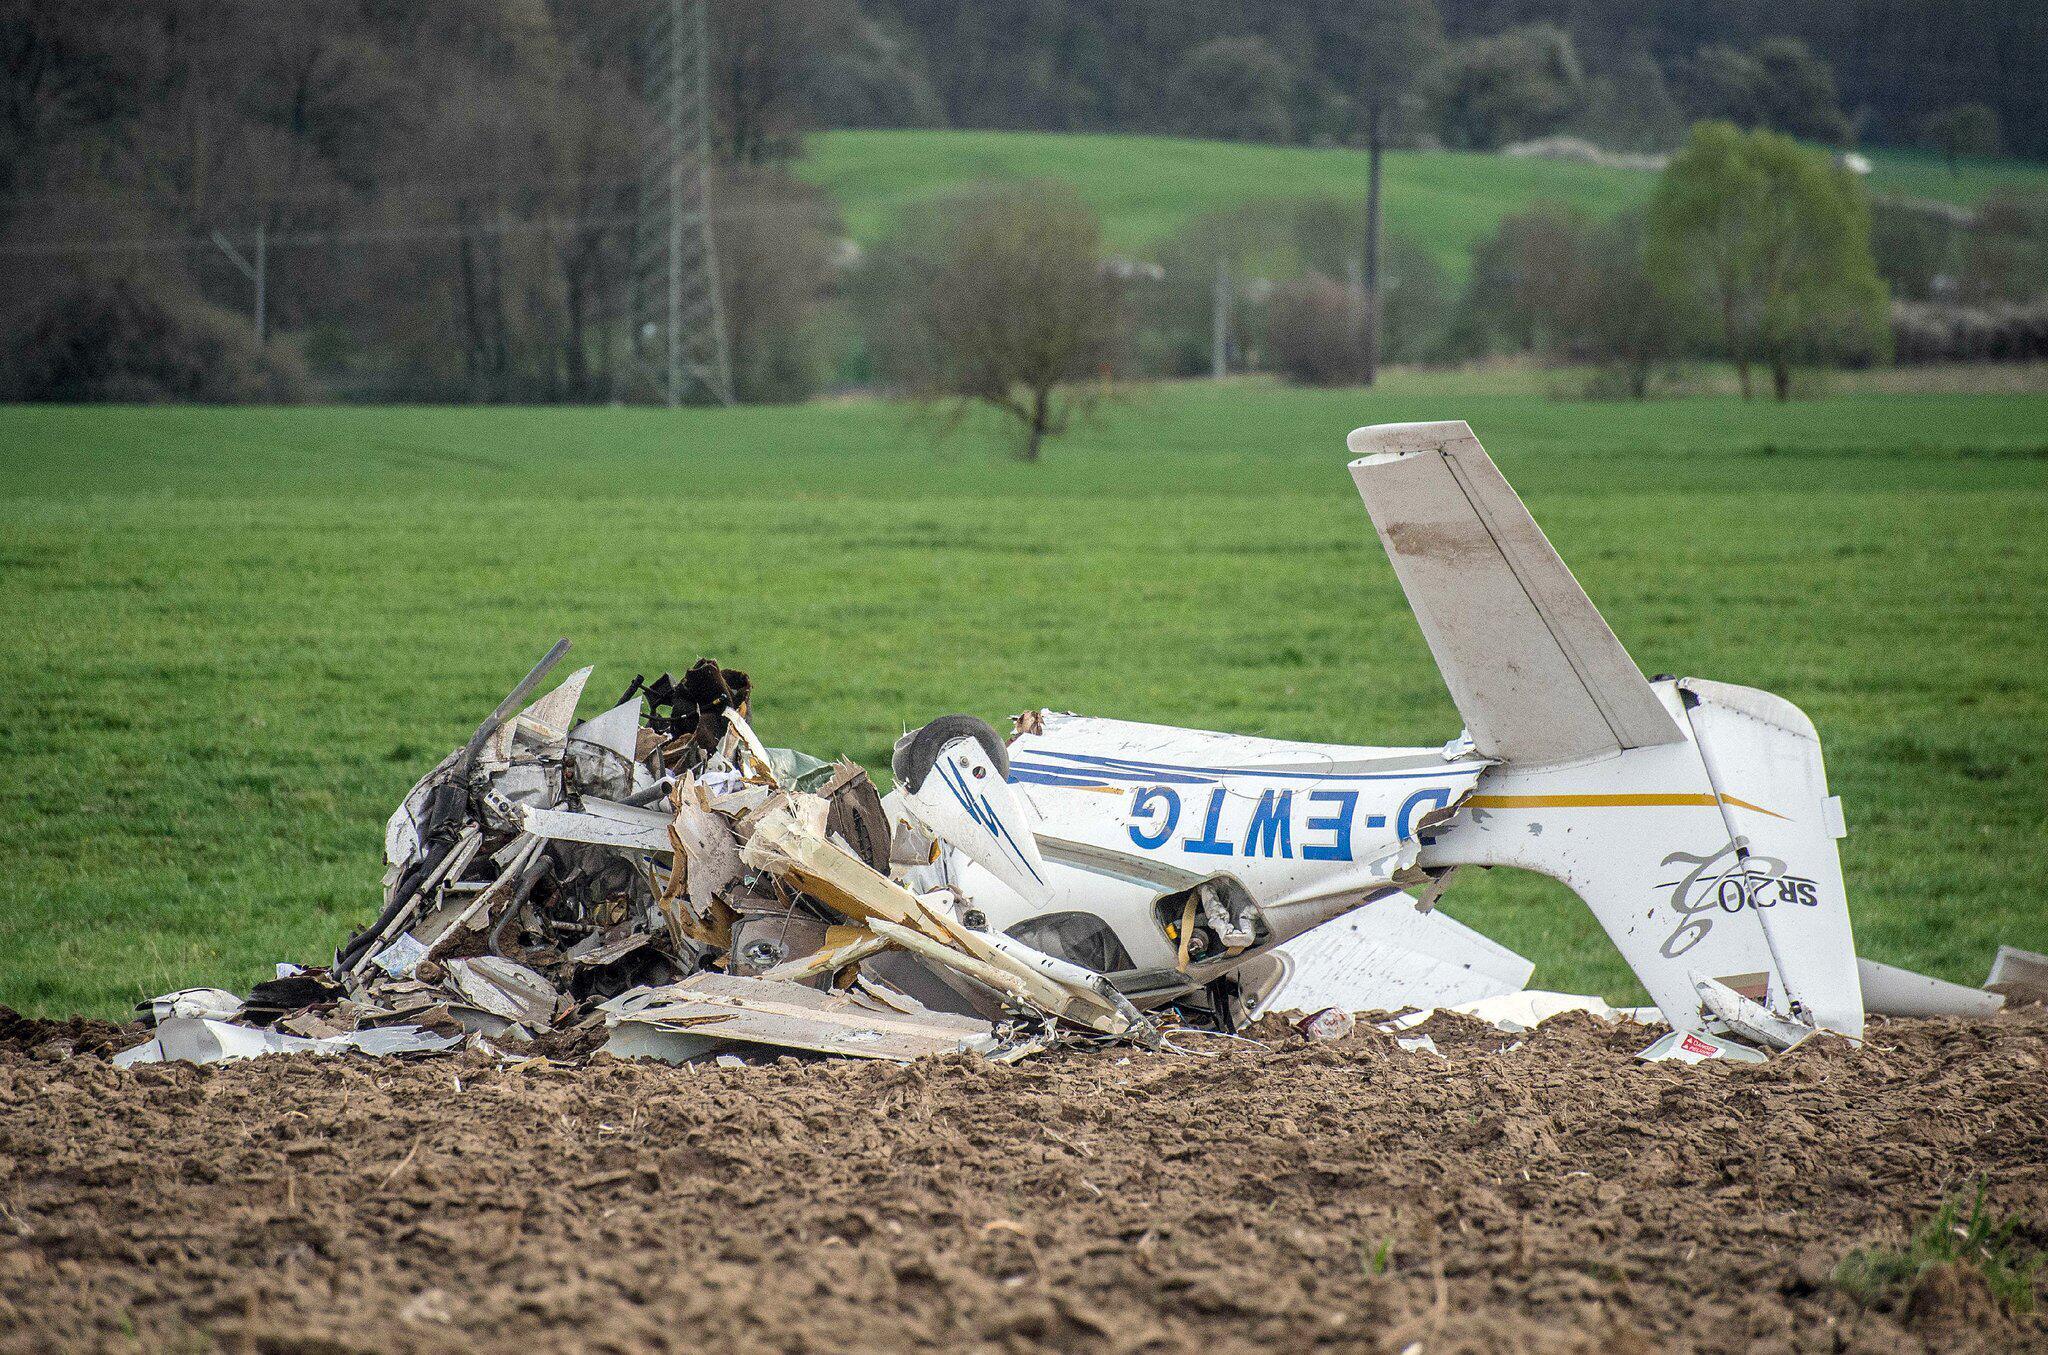 Bild zu Zusammenstoß Kleinflugzeug und Ultraleichtflugzeug